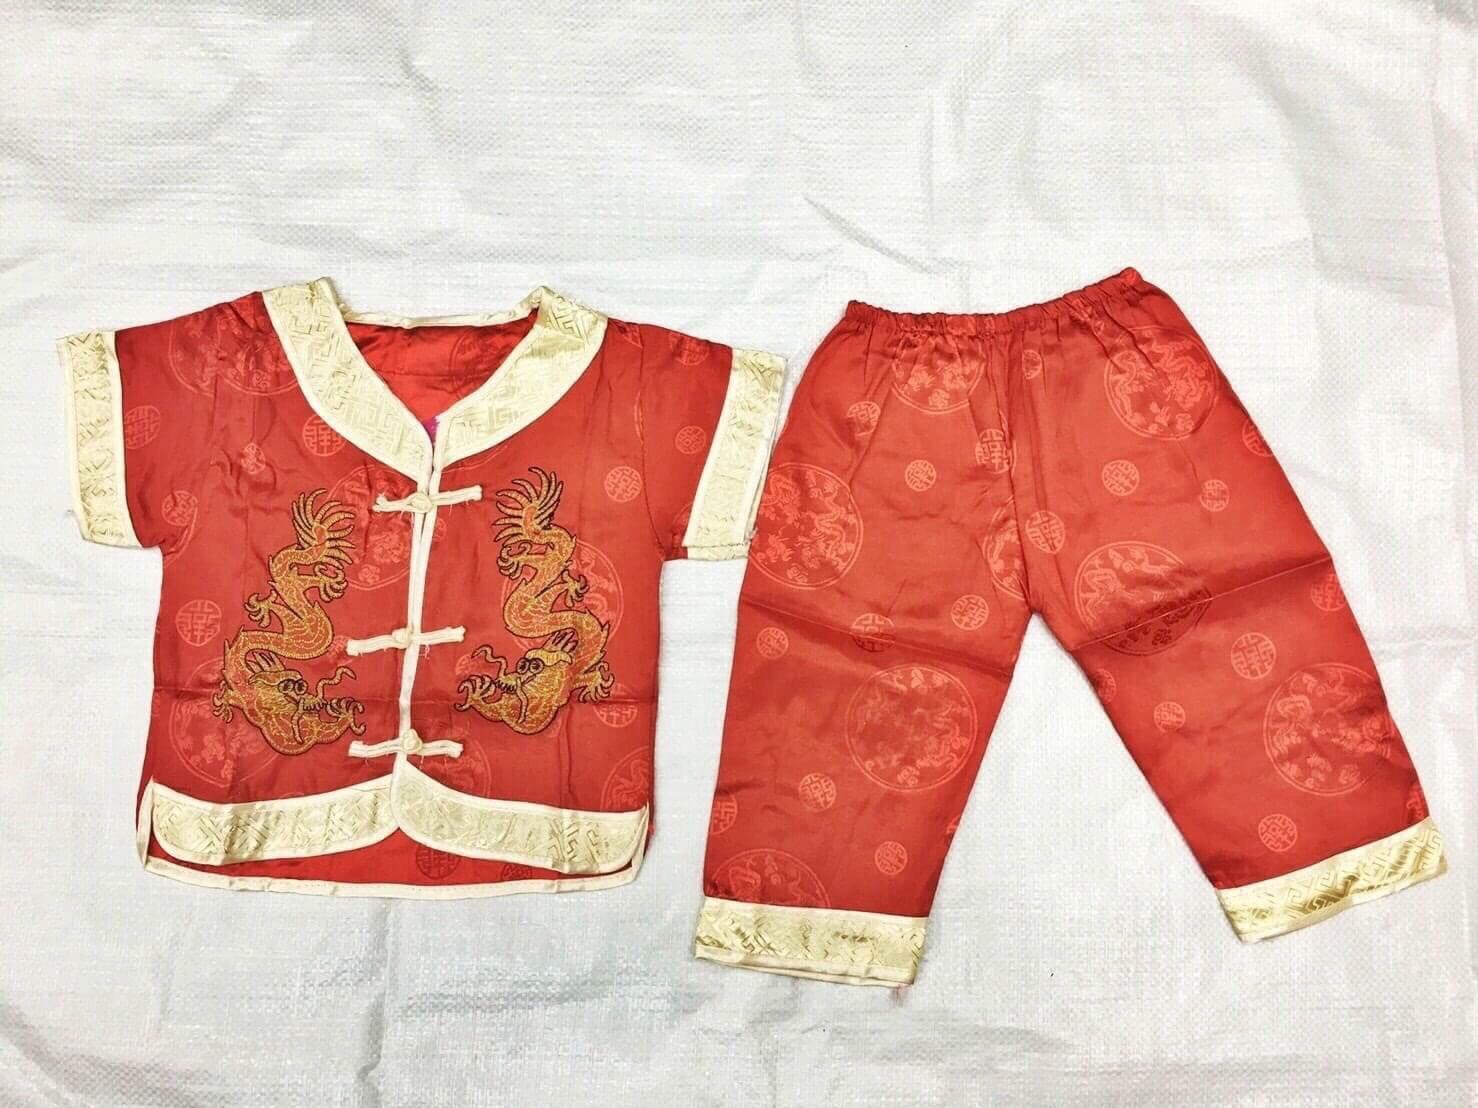 ชุดเสื้อจีนแขนสั้นกระดุมหน้า+กางเกงสามส่วน